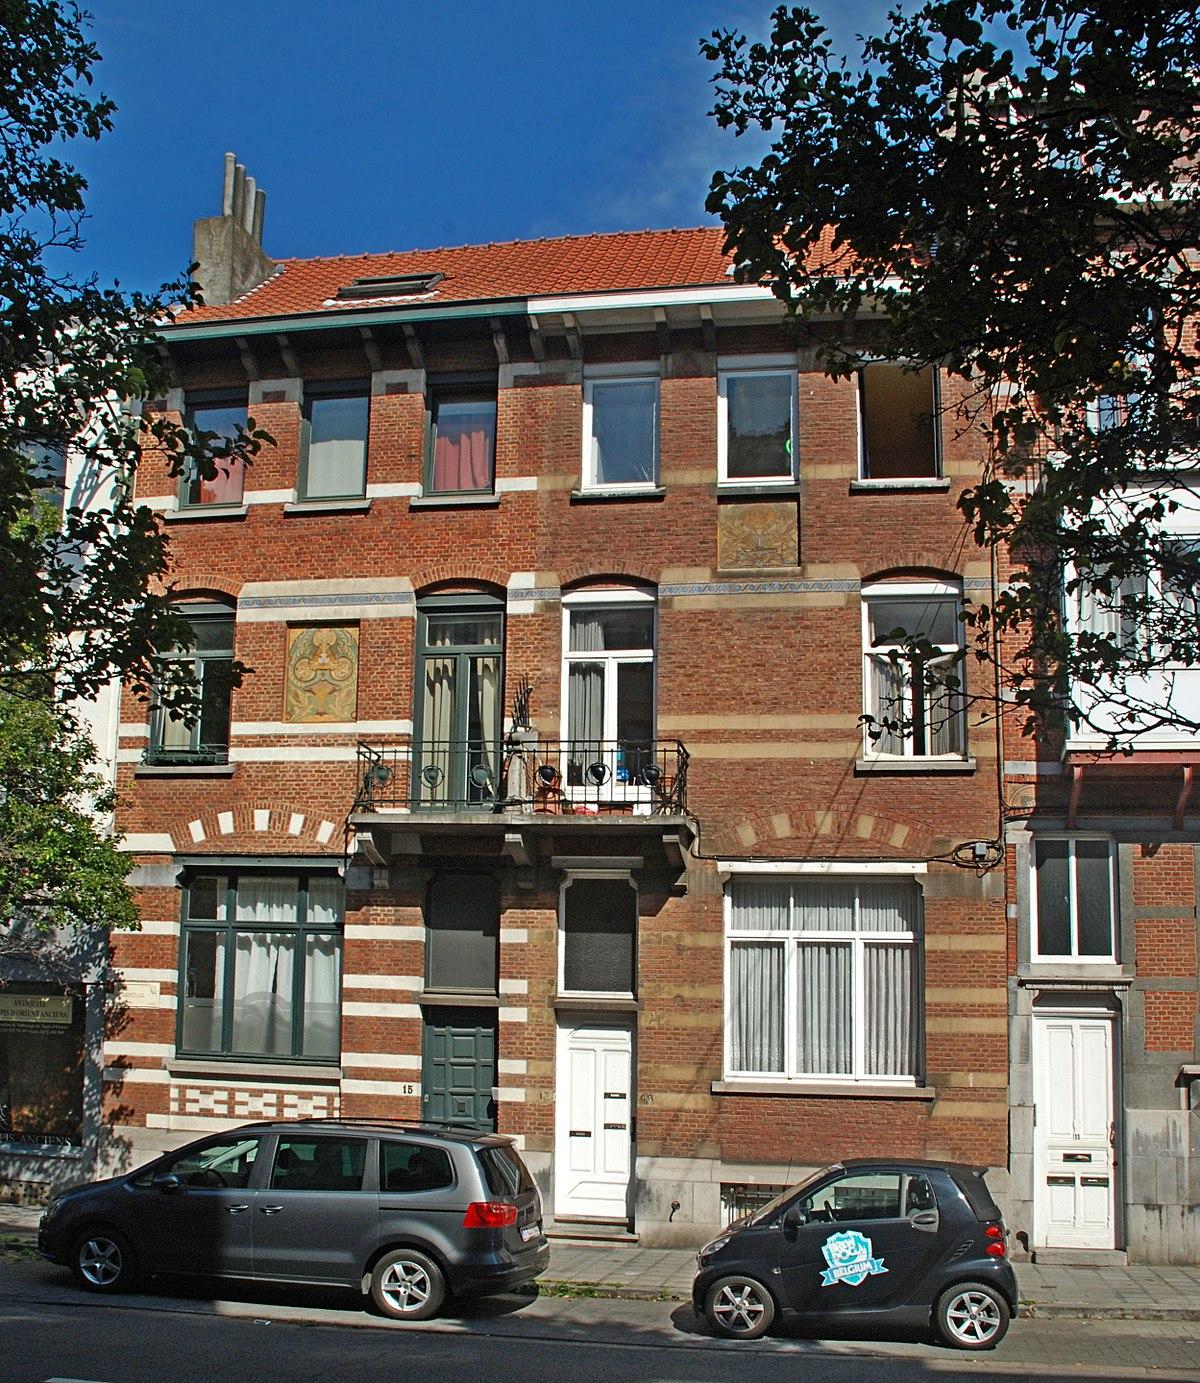 Maisons hanssens wikip dia for Maison minimaliste belgique